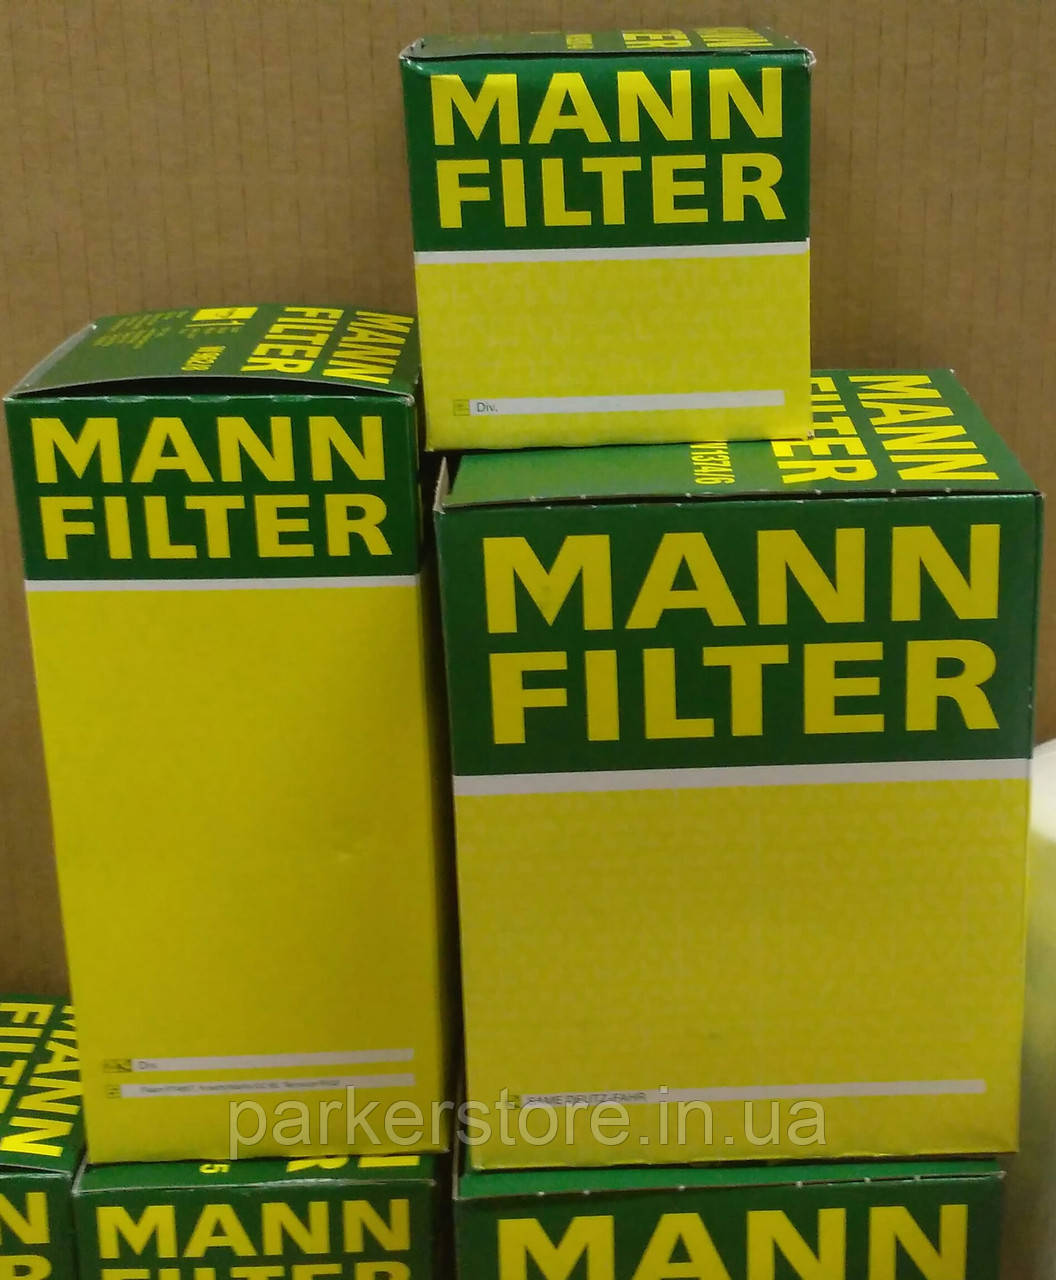 MANN FILTER / Повітряний фільтр / C 28 1460 / C281460